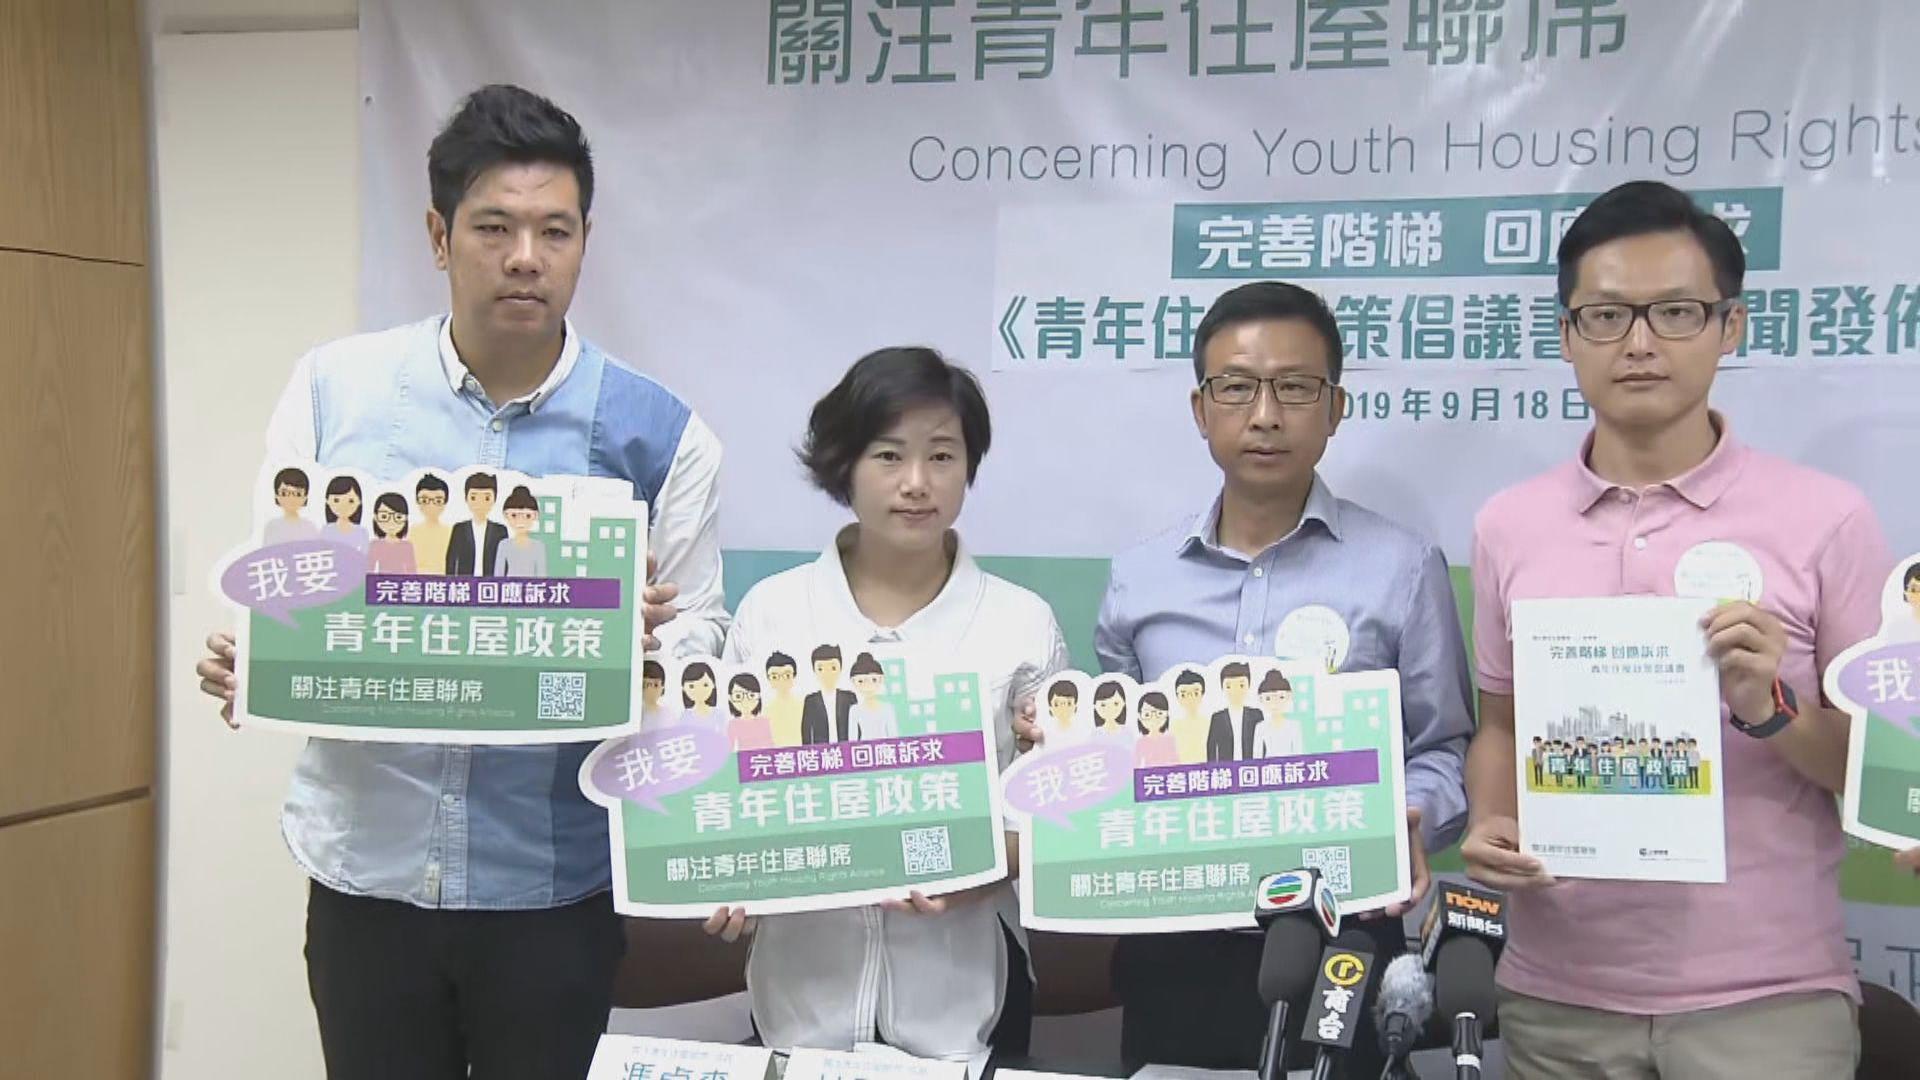 公屋聯會:反修例示威反映年輕人對施政不滿